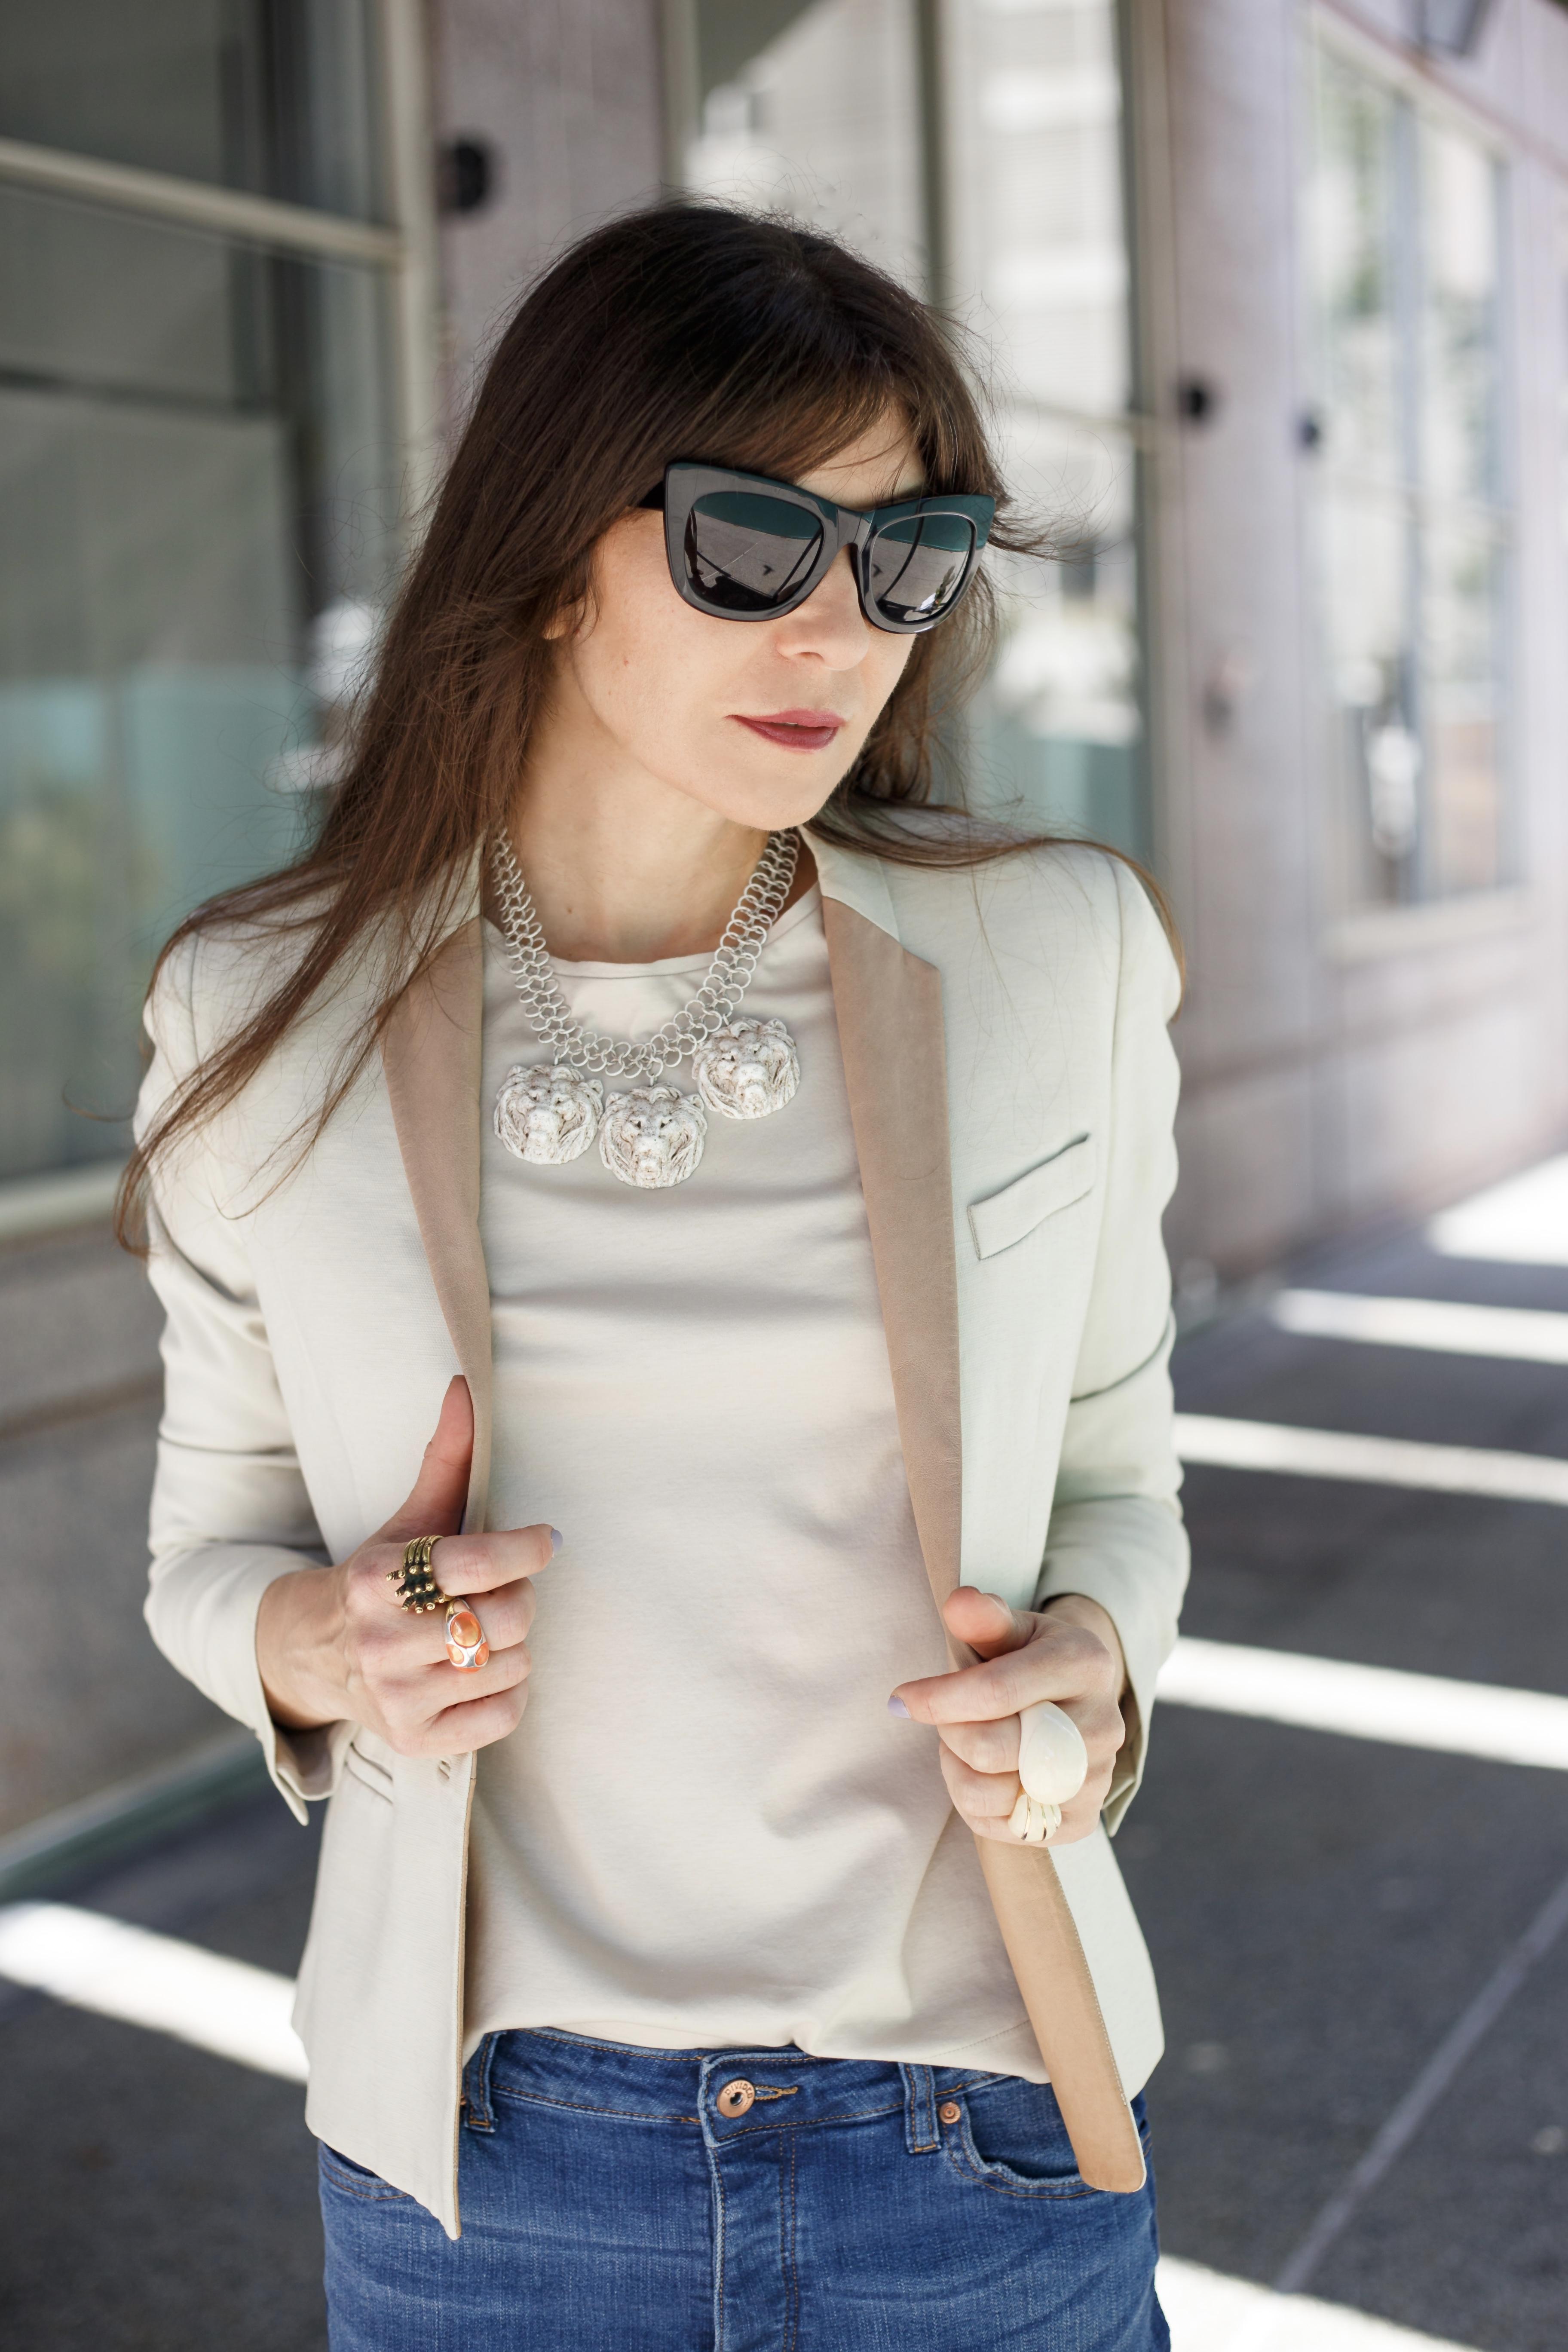 Tuxedo jeans and white blazer.